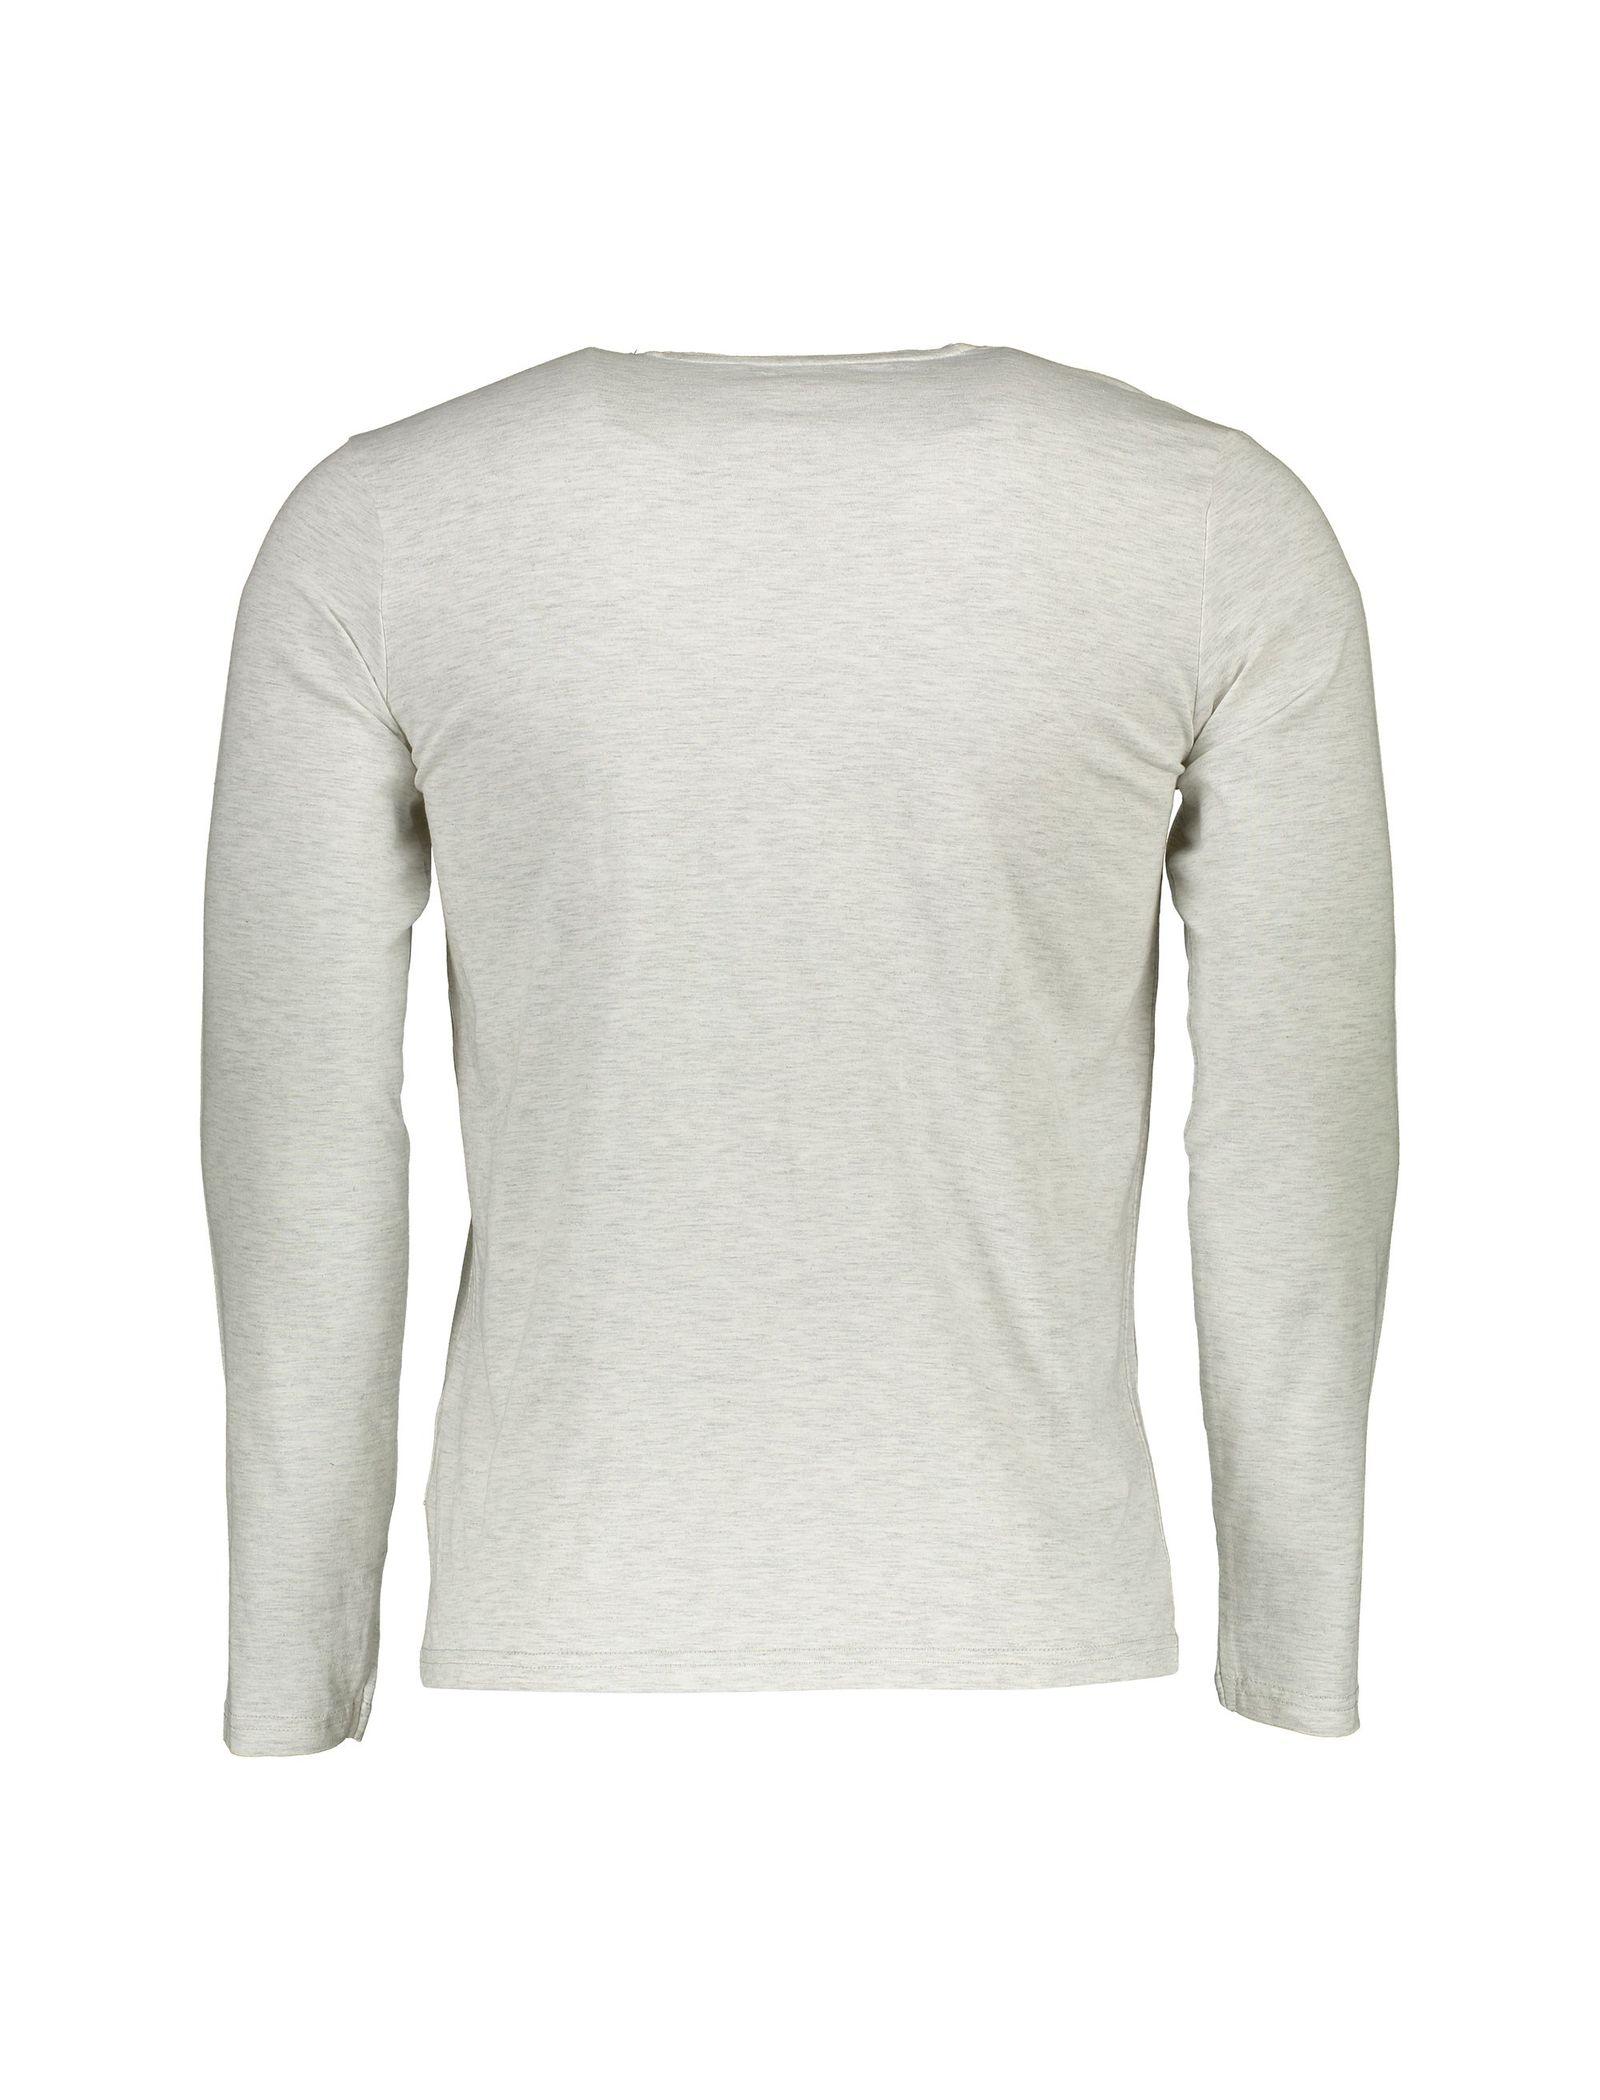 تی شرت نخی یقه هفت مردانه - یوپیم - طوسي - 2